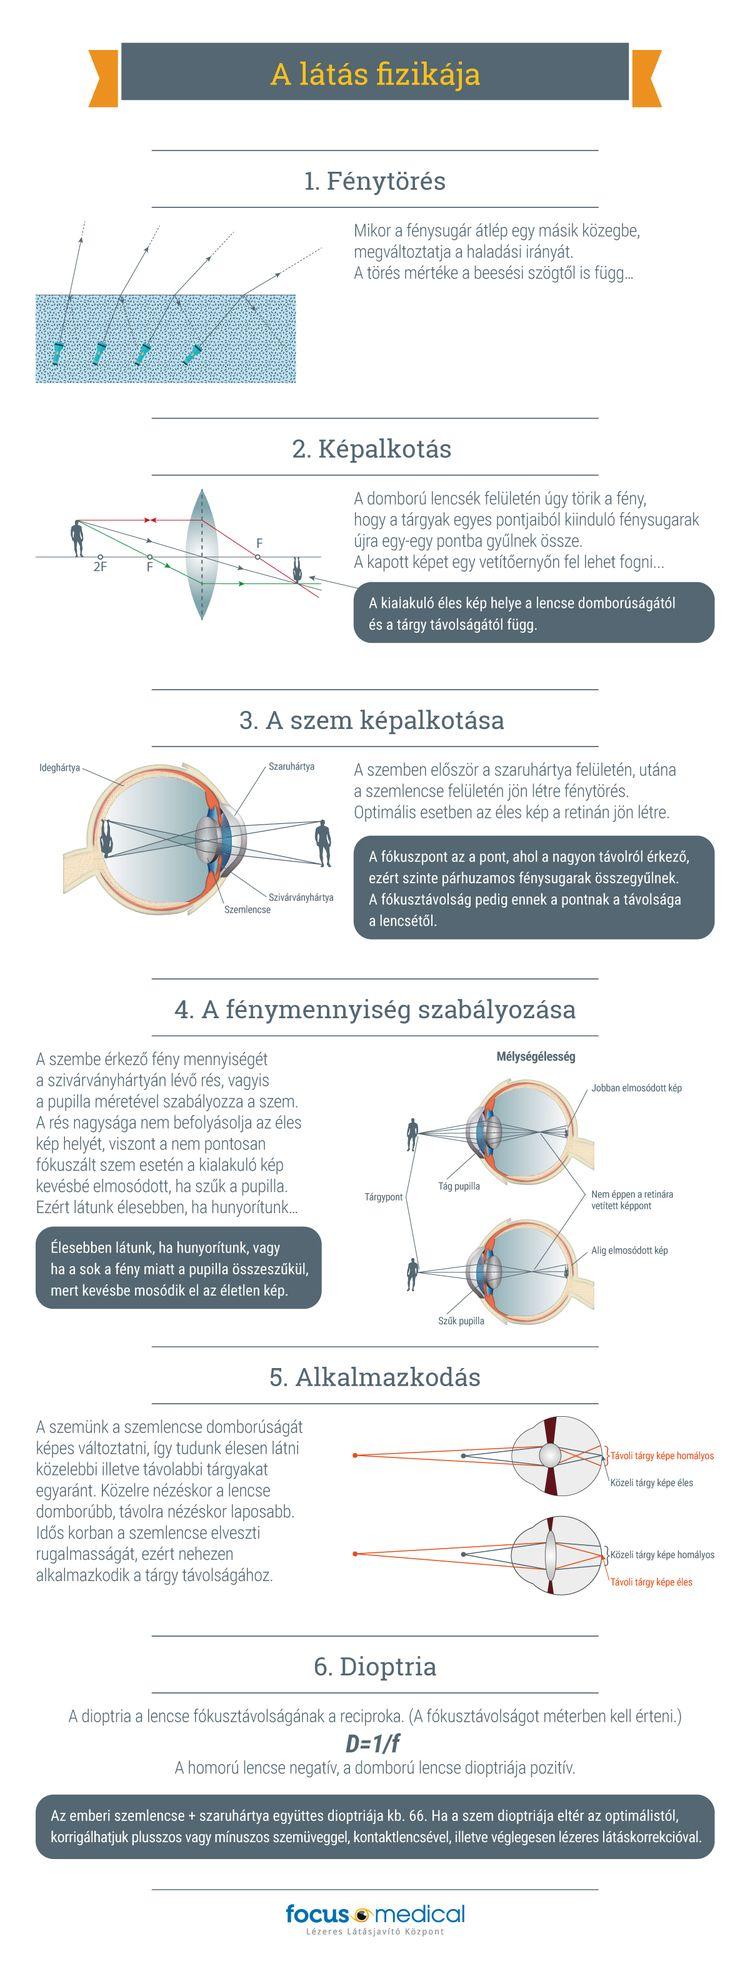 Titkos jelek – a rúnajóslás   BorsOnline - Sztárhírek - Pletyka - Krimi - Politika - Sport